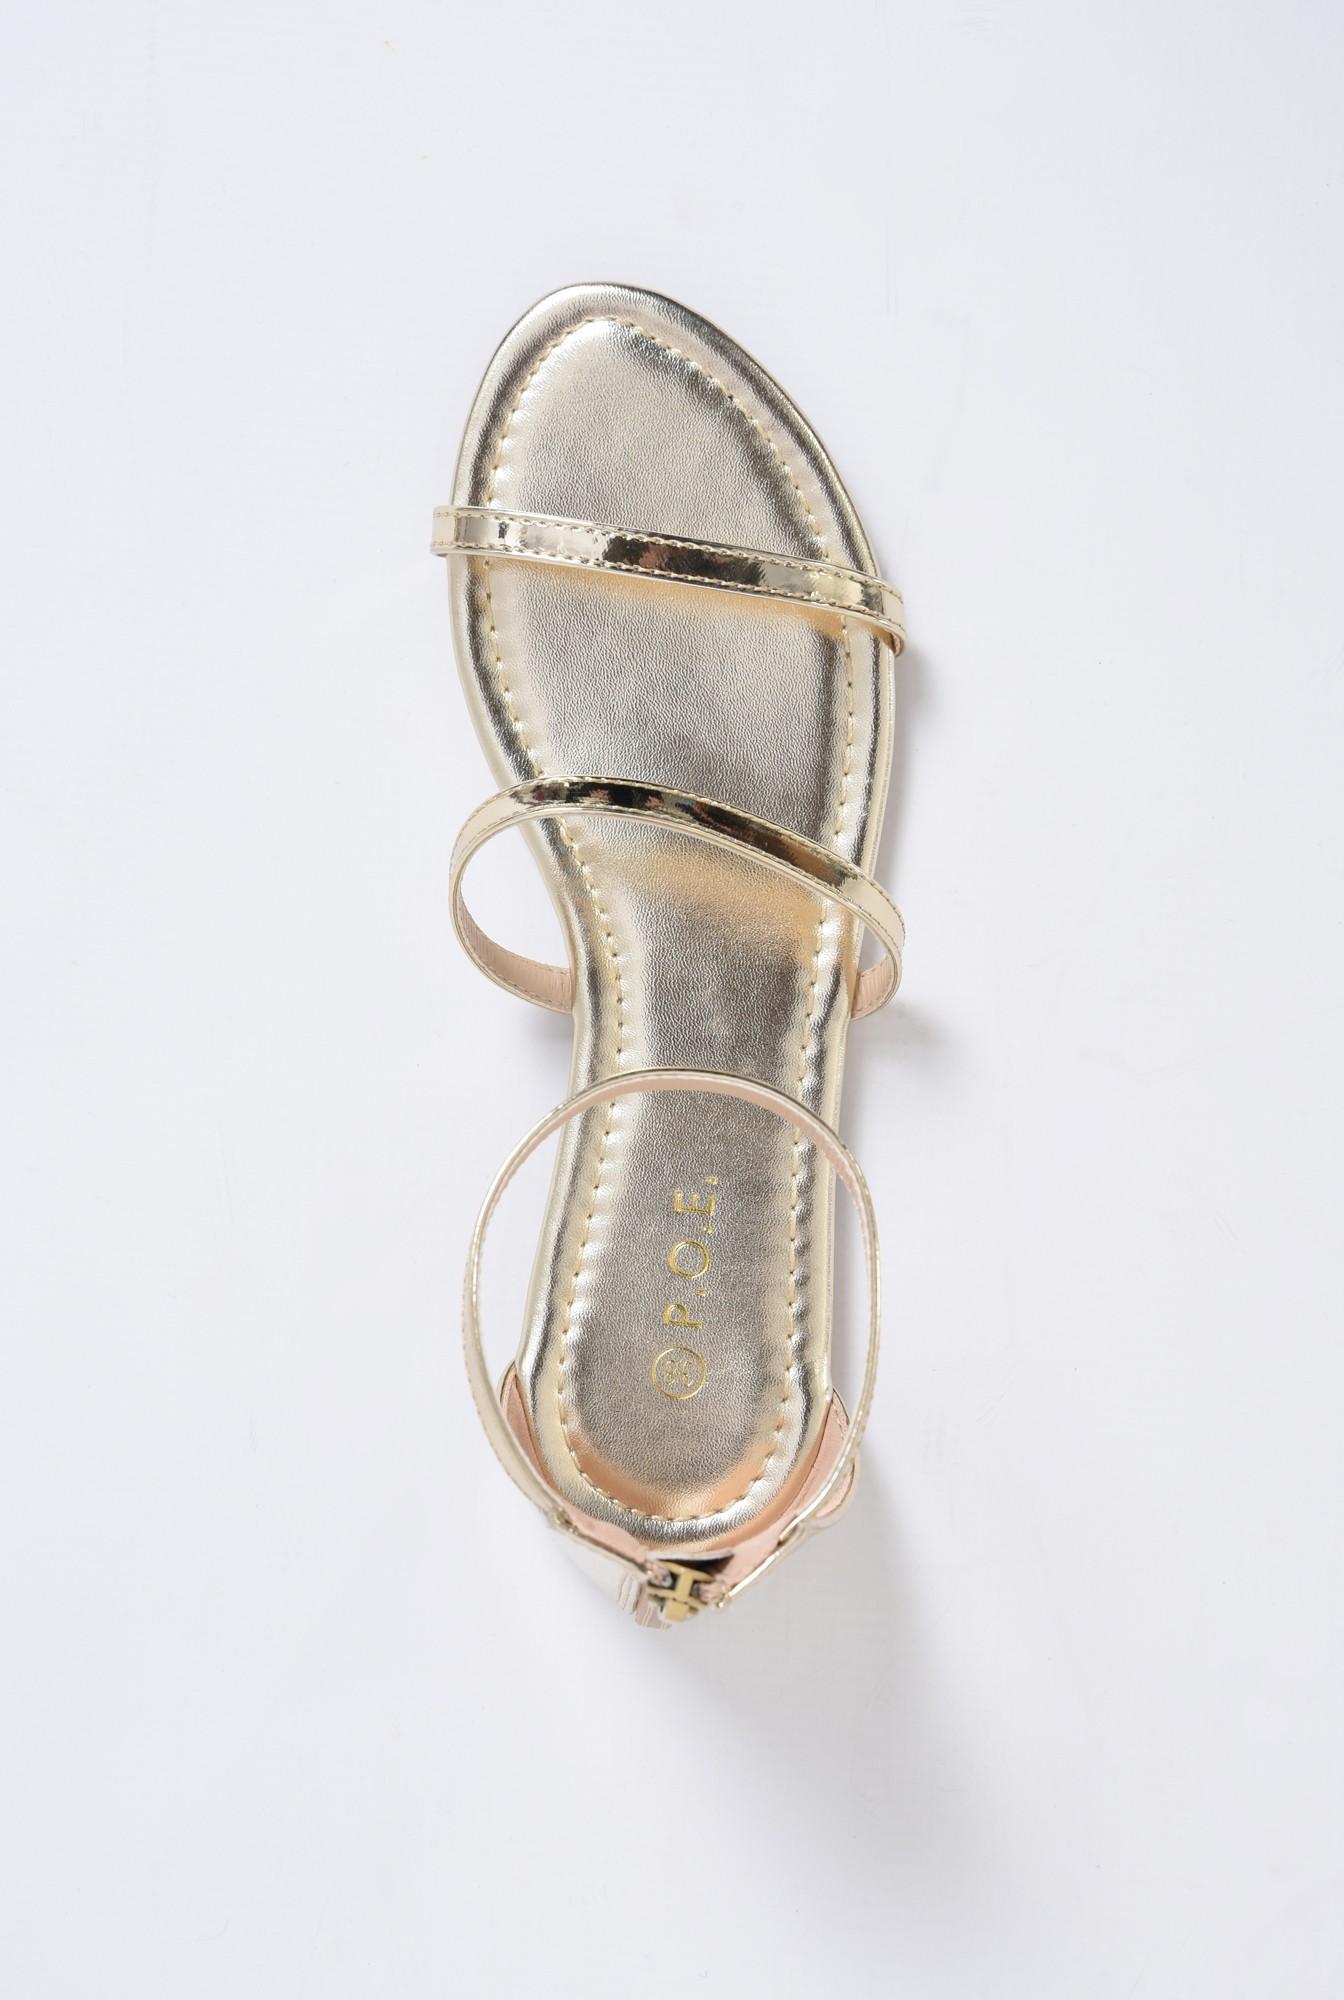 2 - sandale casual, aurii, cu barete subtiri